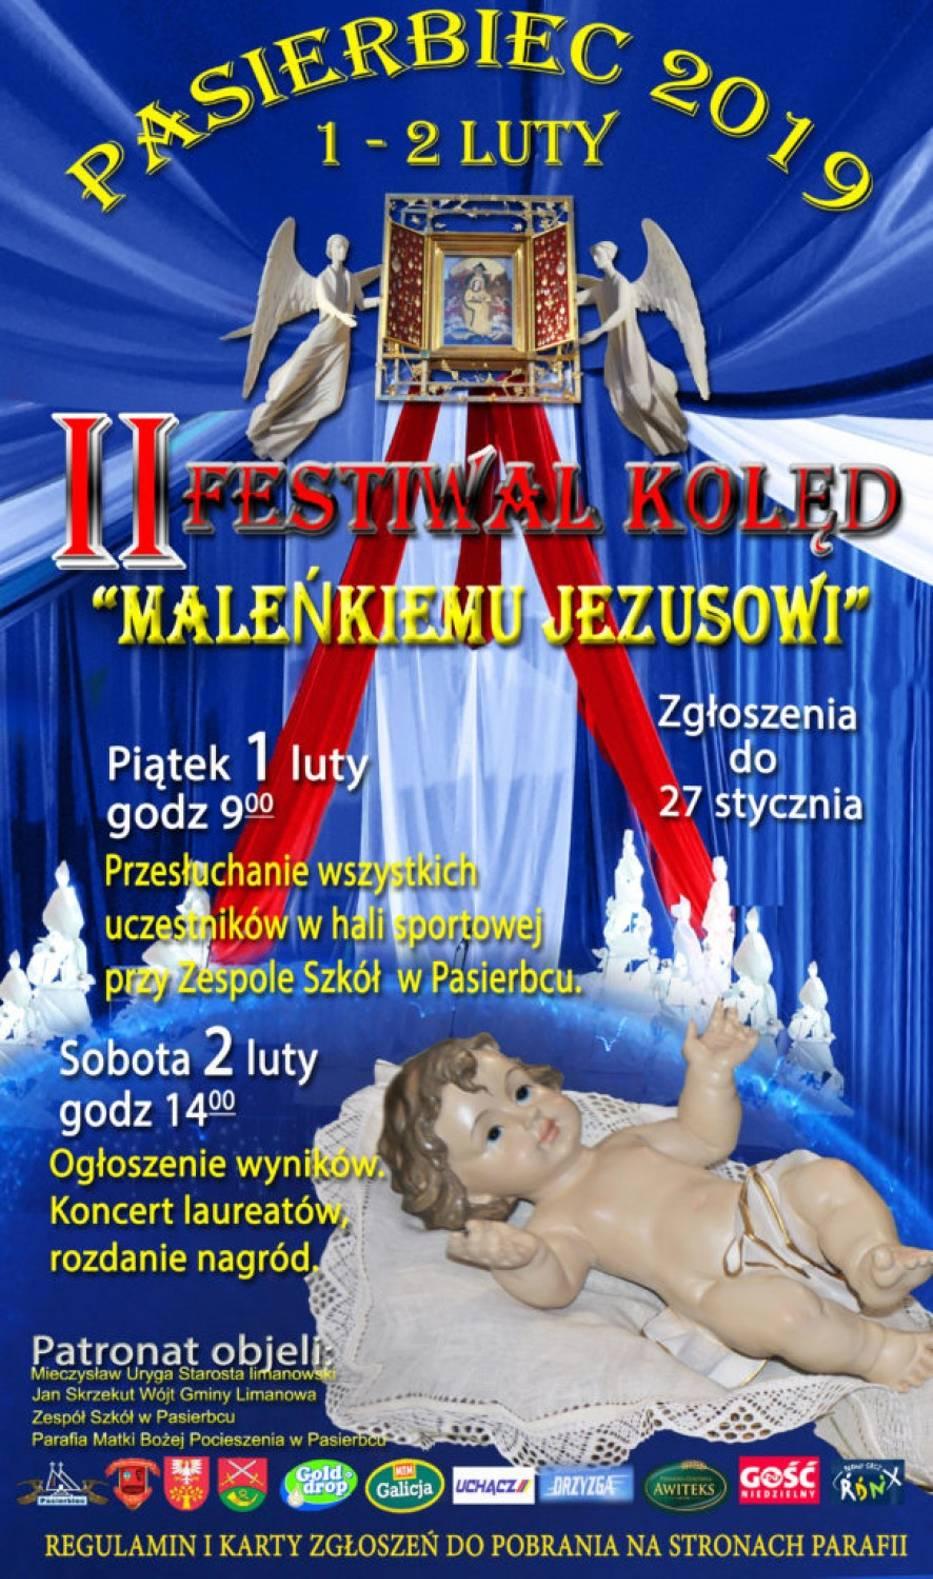 plakat informujący o Festiwalu kolędowym w Pasierbcu. Na plakacie zamieszczone informacje te które są w tekście.